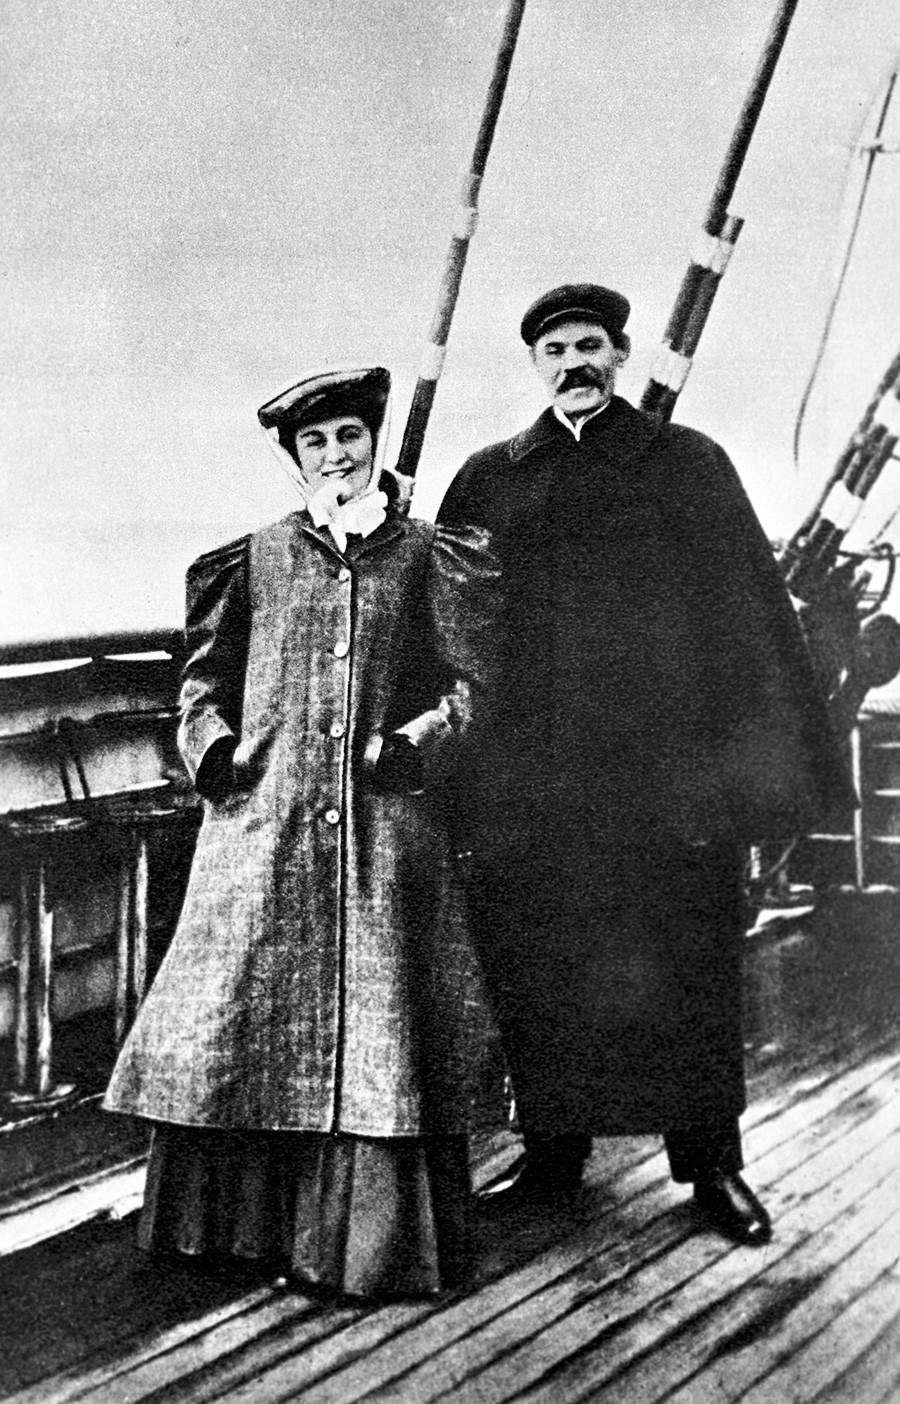 Maria Andrêieva e Maksím Górki no deque de um barco rumo aos EUA. Cena do documentário